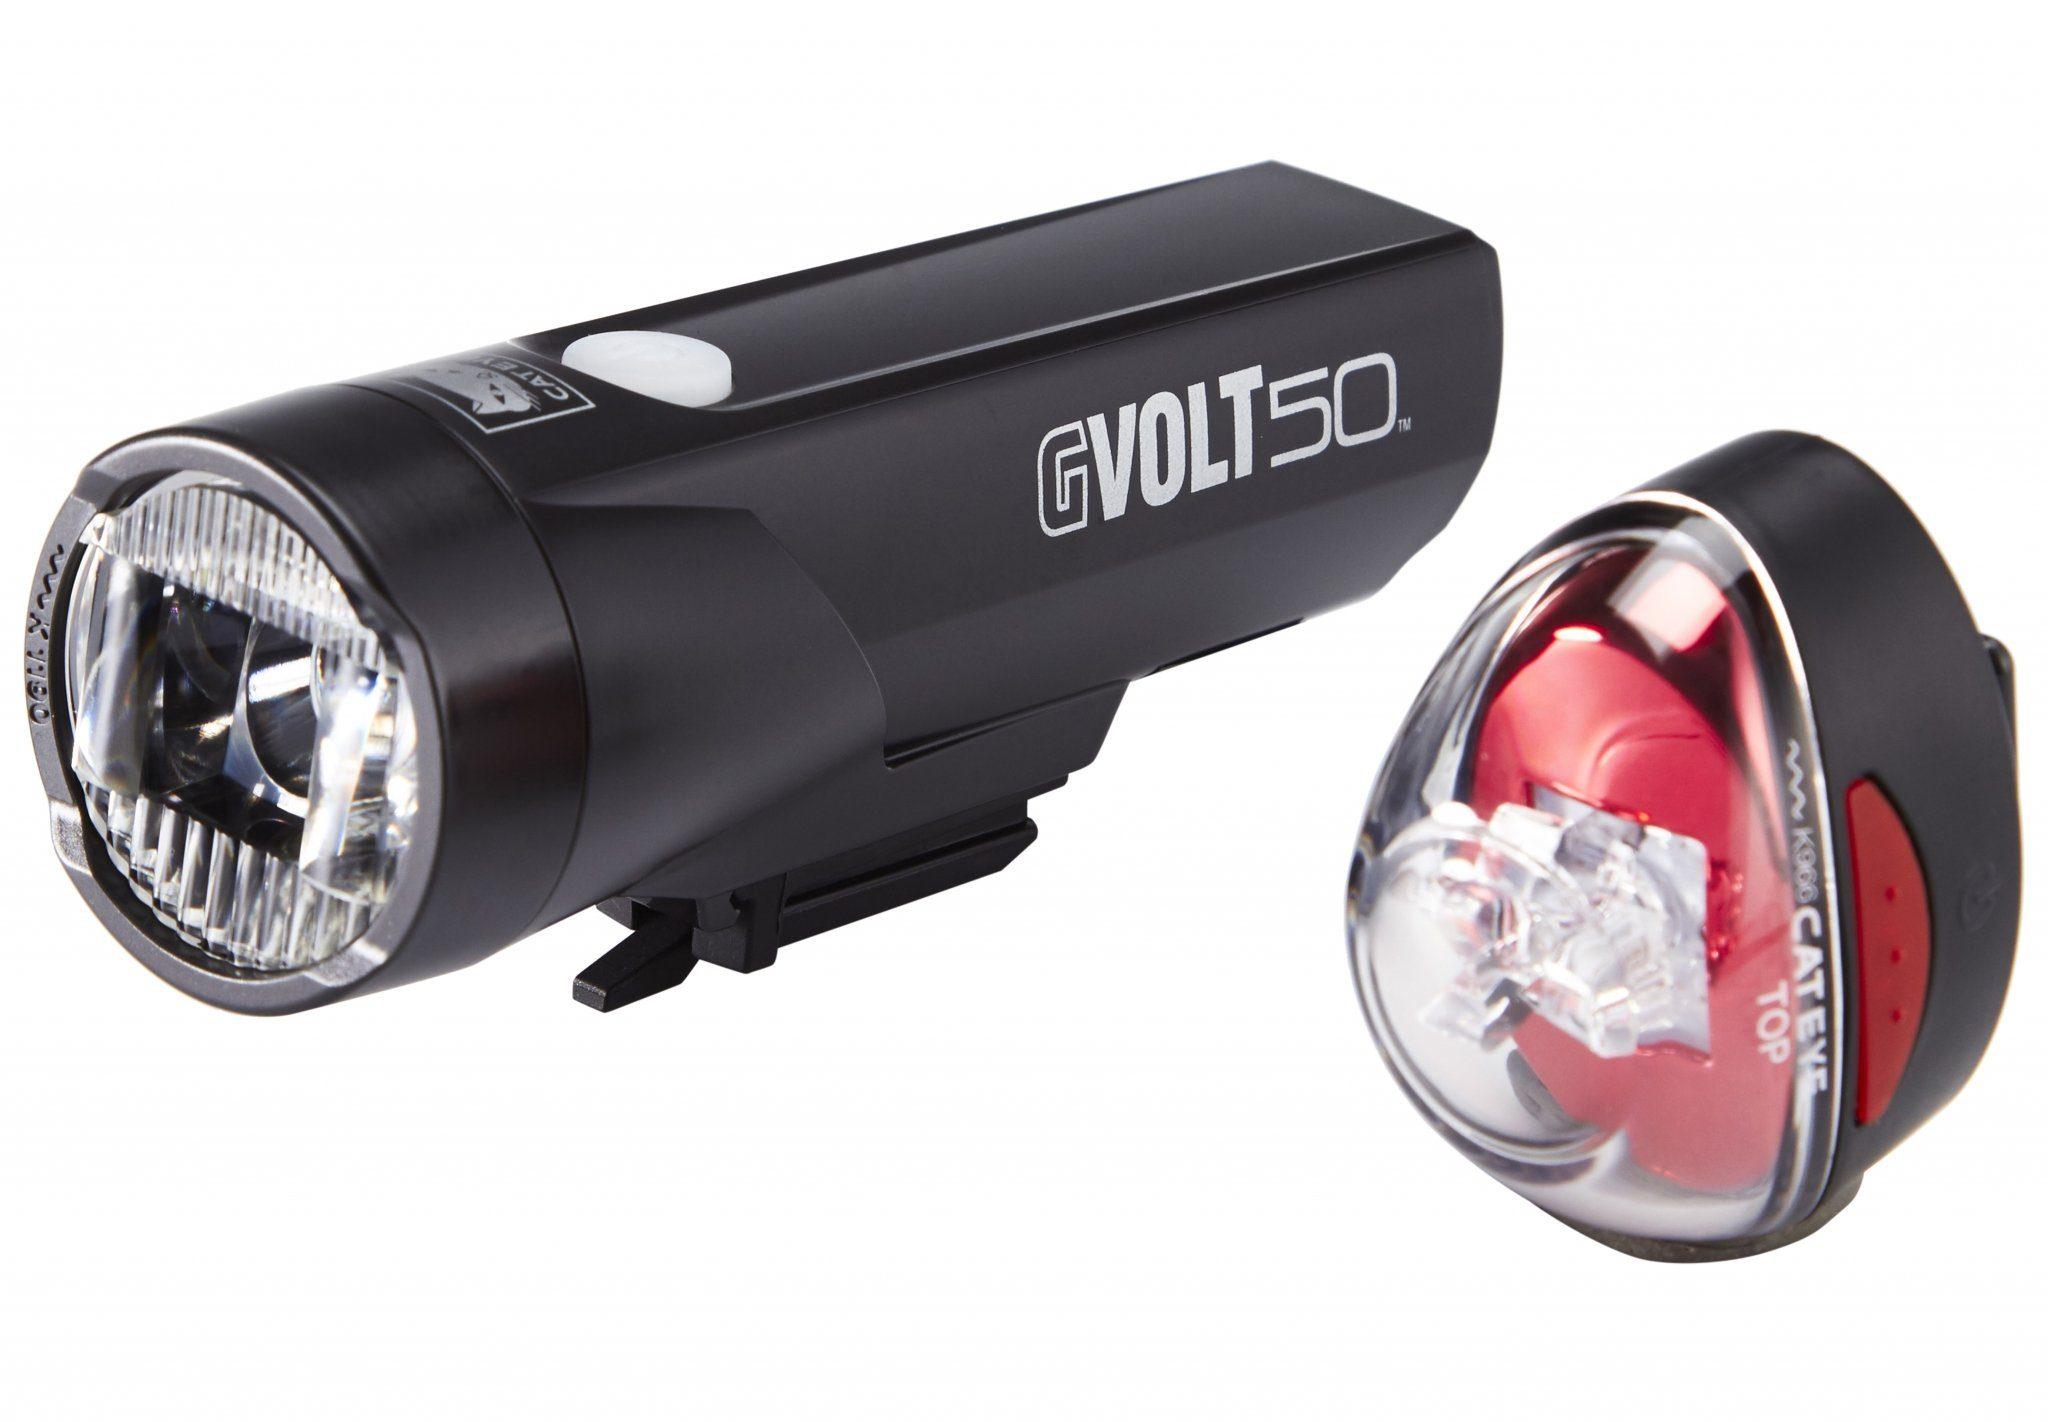 Cateye Fahrradbeleuchtung »GVOLT50/Rapid1G Beleuchtungsset EL550GRC/LD611G«